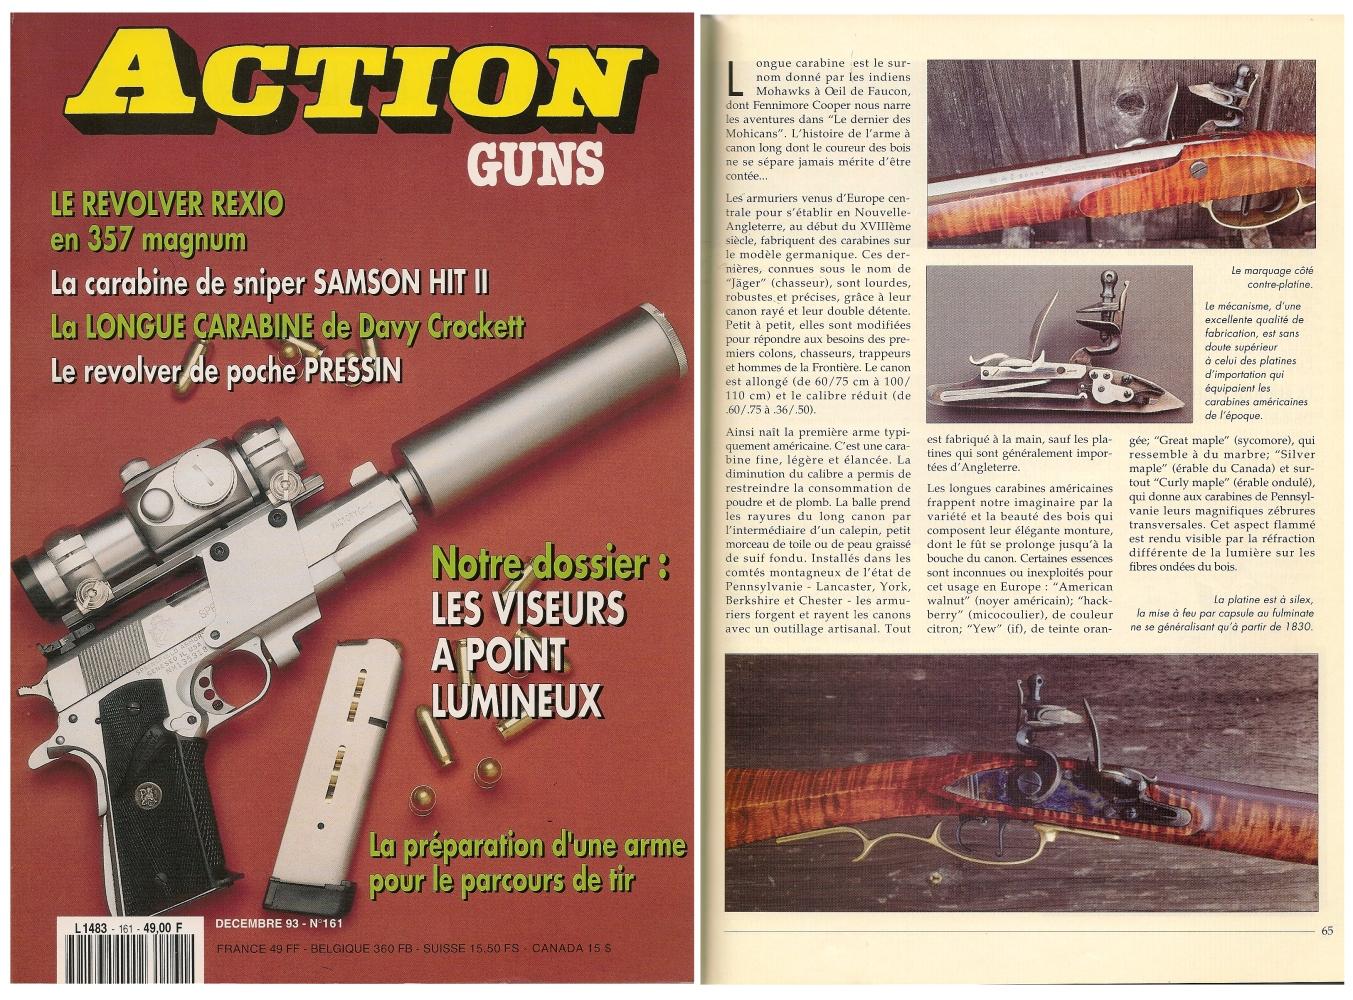 Le banc d'essai de la réplique de carabine à silex « Frontier » a été publié sur 5 pages dans le magazine Action Guns n° 161 (décembre 1993).